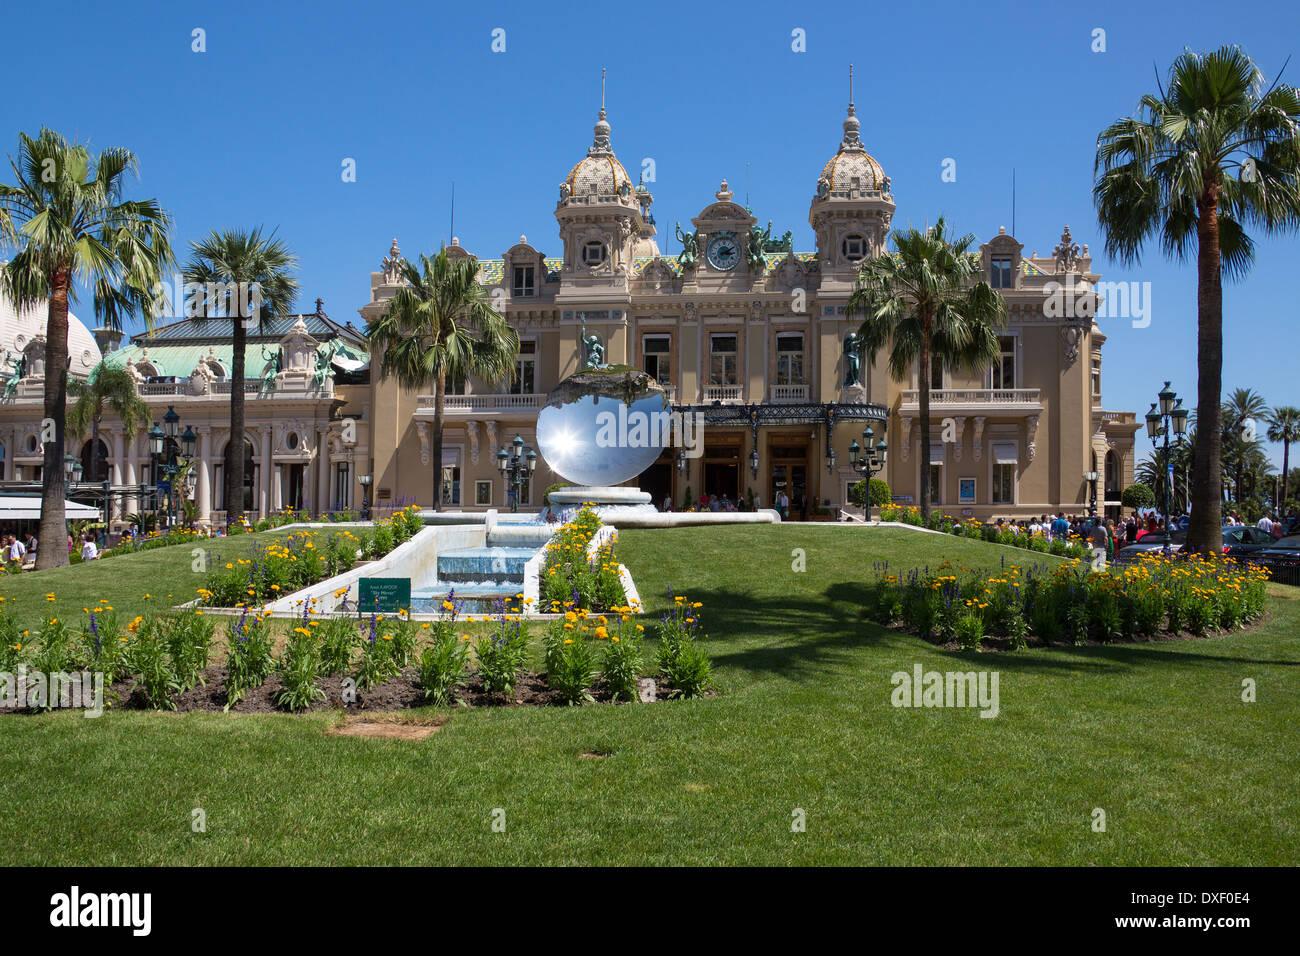 The famous Monte Carlo Casino in Monaco. - Stock Image